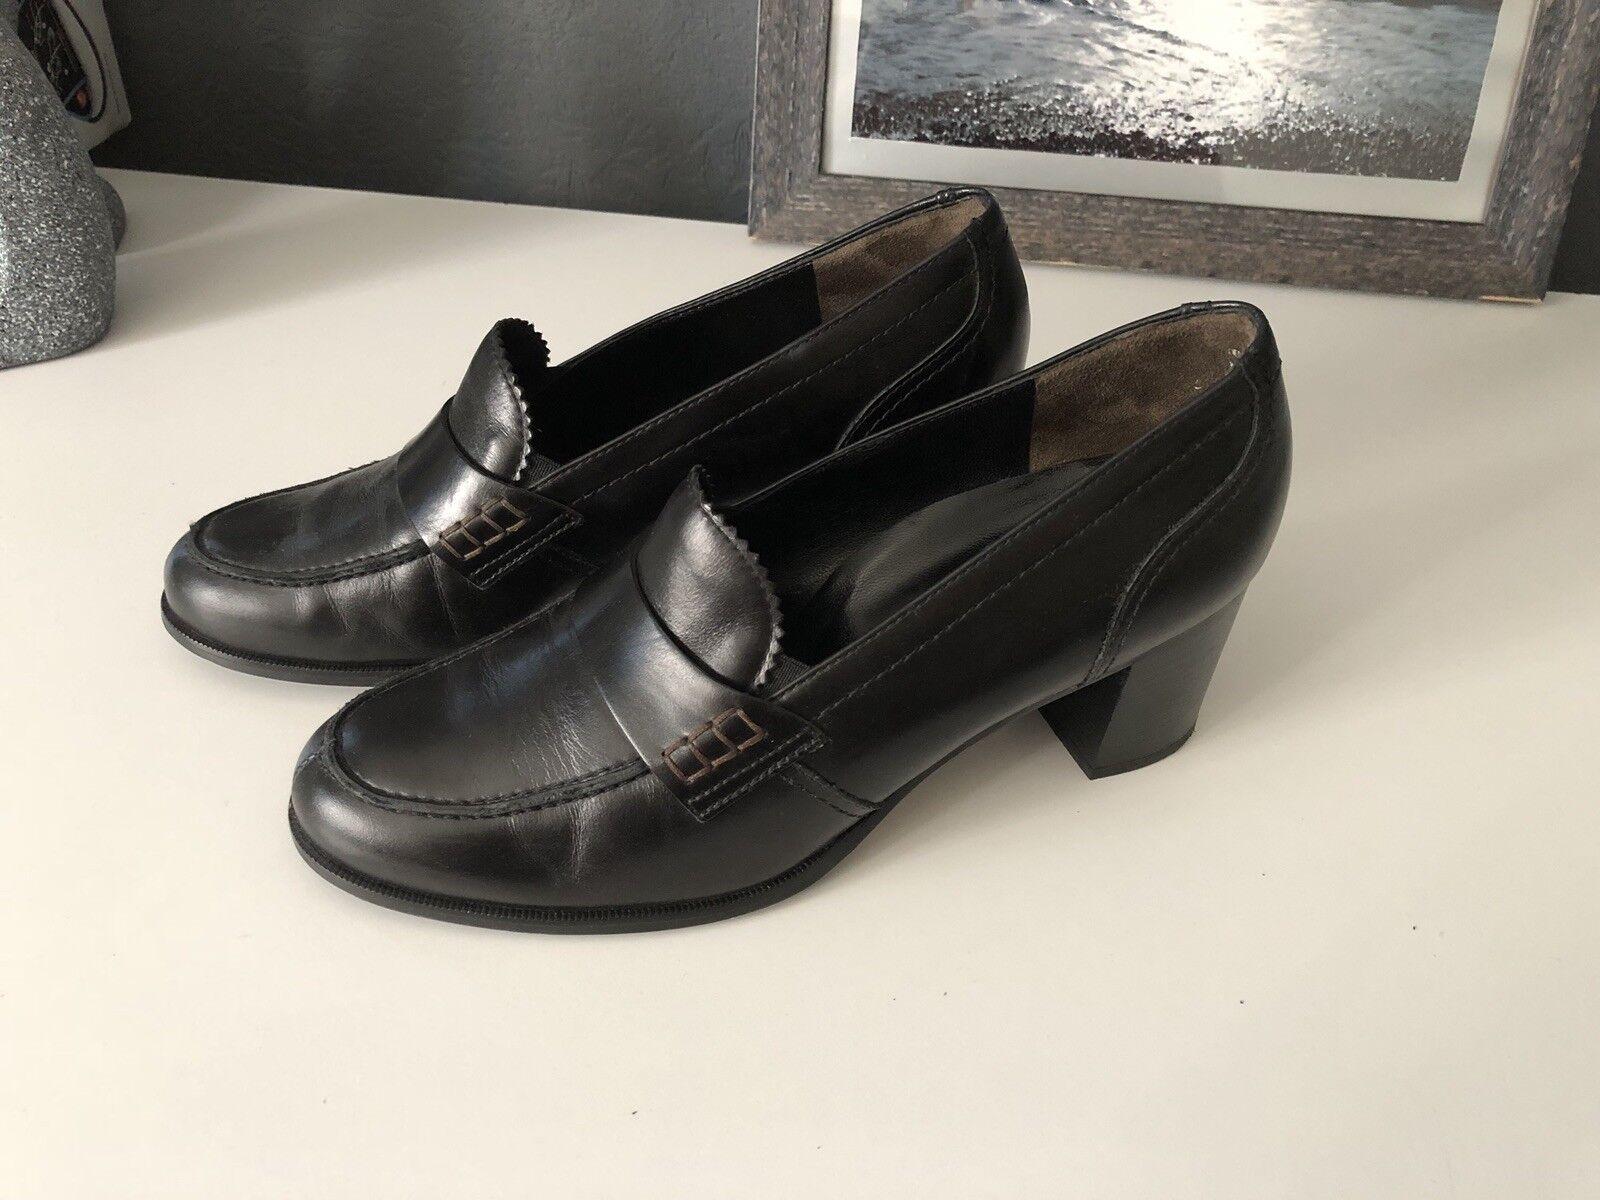 Paul Grün Damen Schuhe Pumps Gr.38.5   5,1 2